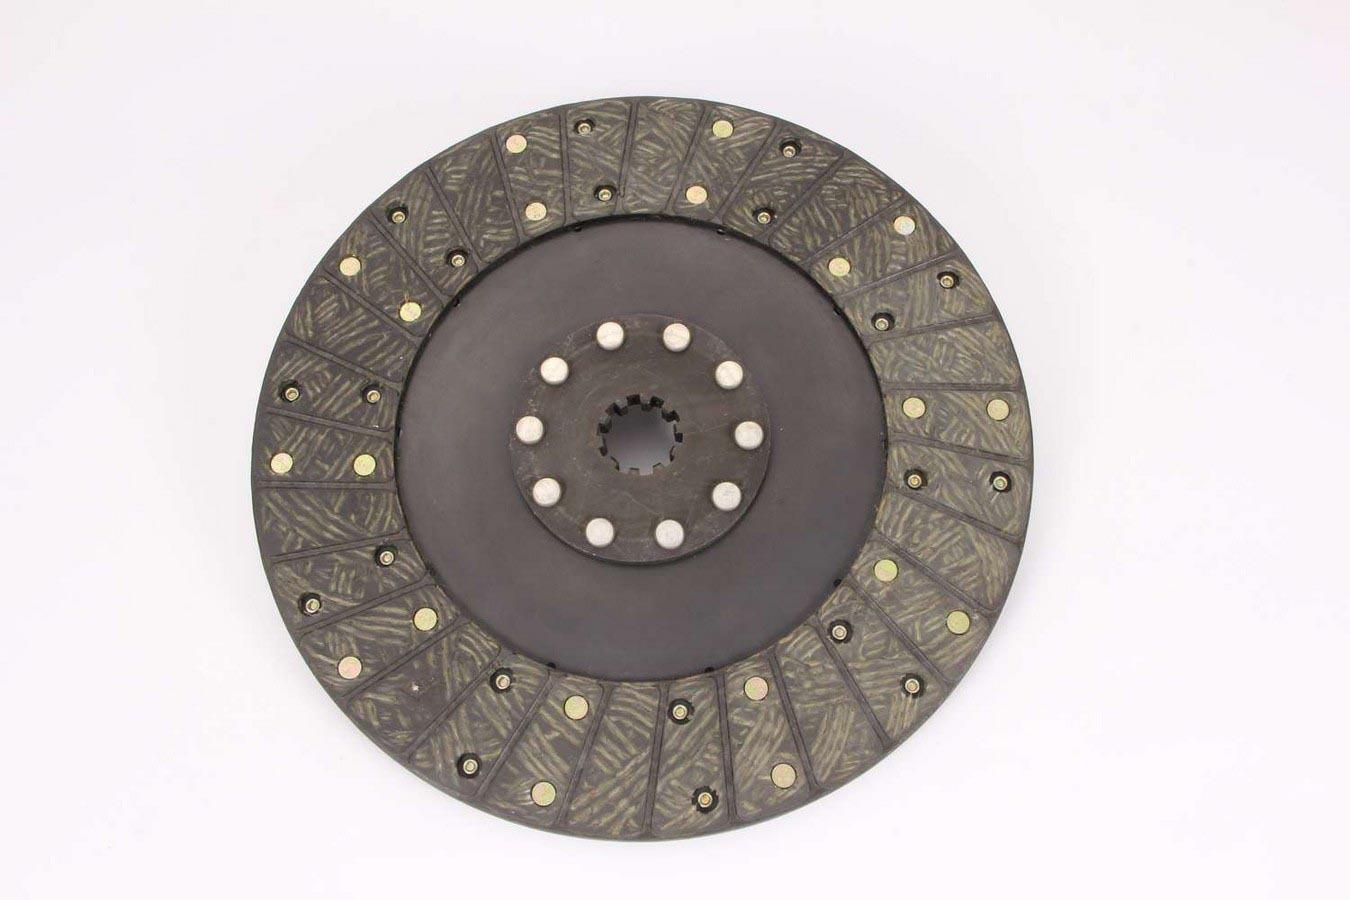 Ace Racing Clutches 10.5in Clutch Disc Organic 1-1/8x10